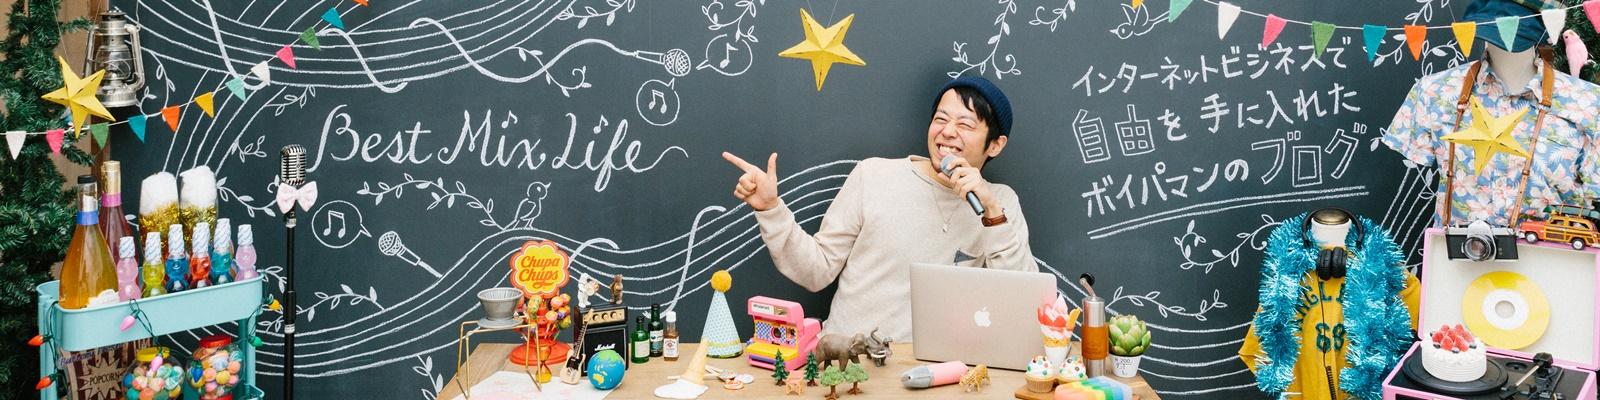 インターネットビジネスでBest Mix Lifeを描こう!結城おさむのブログ